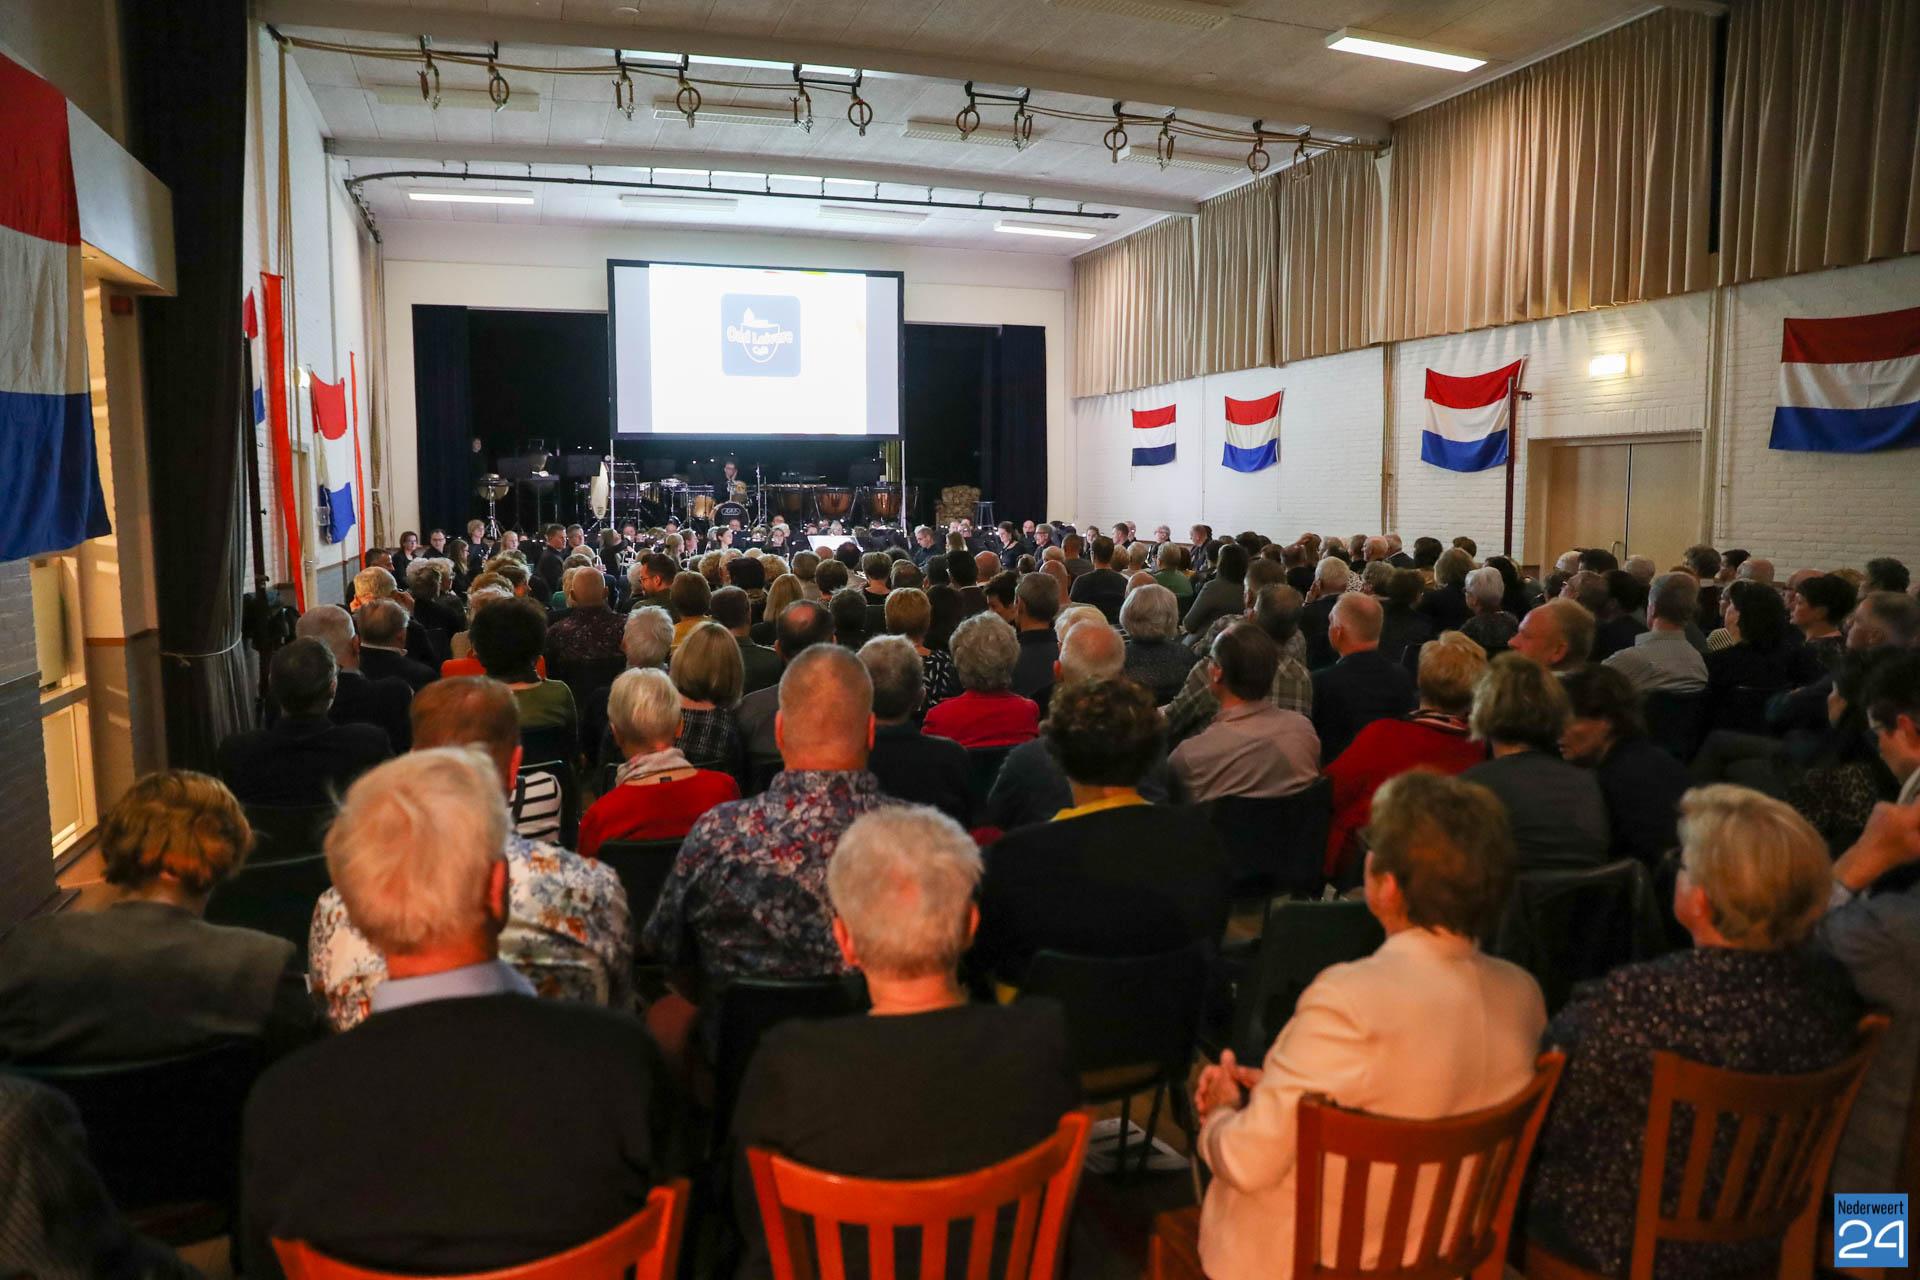 Bevrijdingsconcert Fanfare Concordia Leveroy (Foto's) - Nederweert24 - Nederweert24